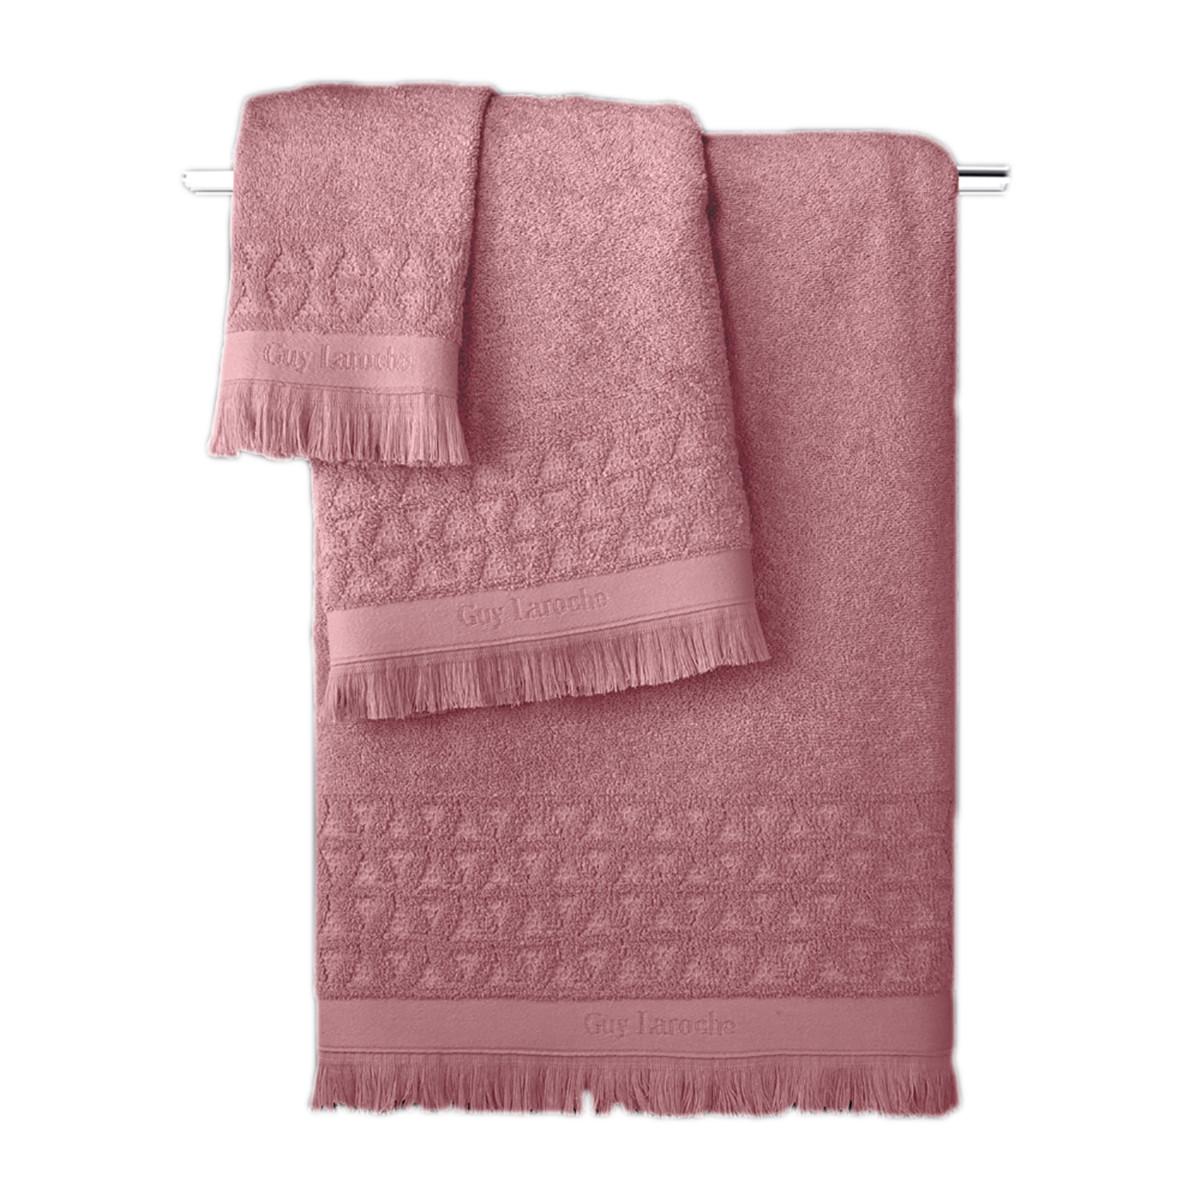 Πετσέτες Μπάνιου (Σετ 3τμχ) Guy Laroche Vergo Iris